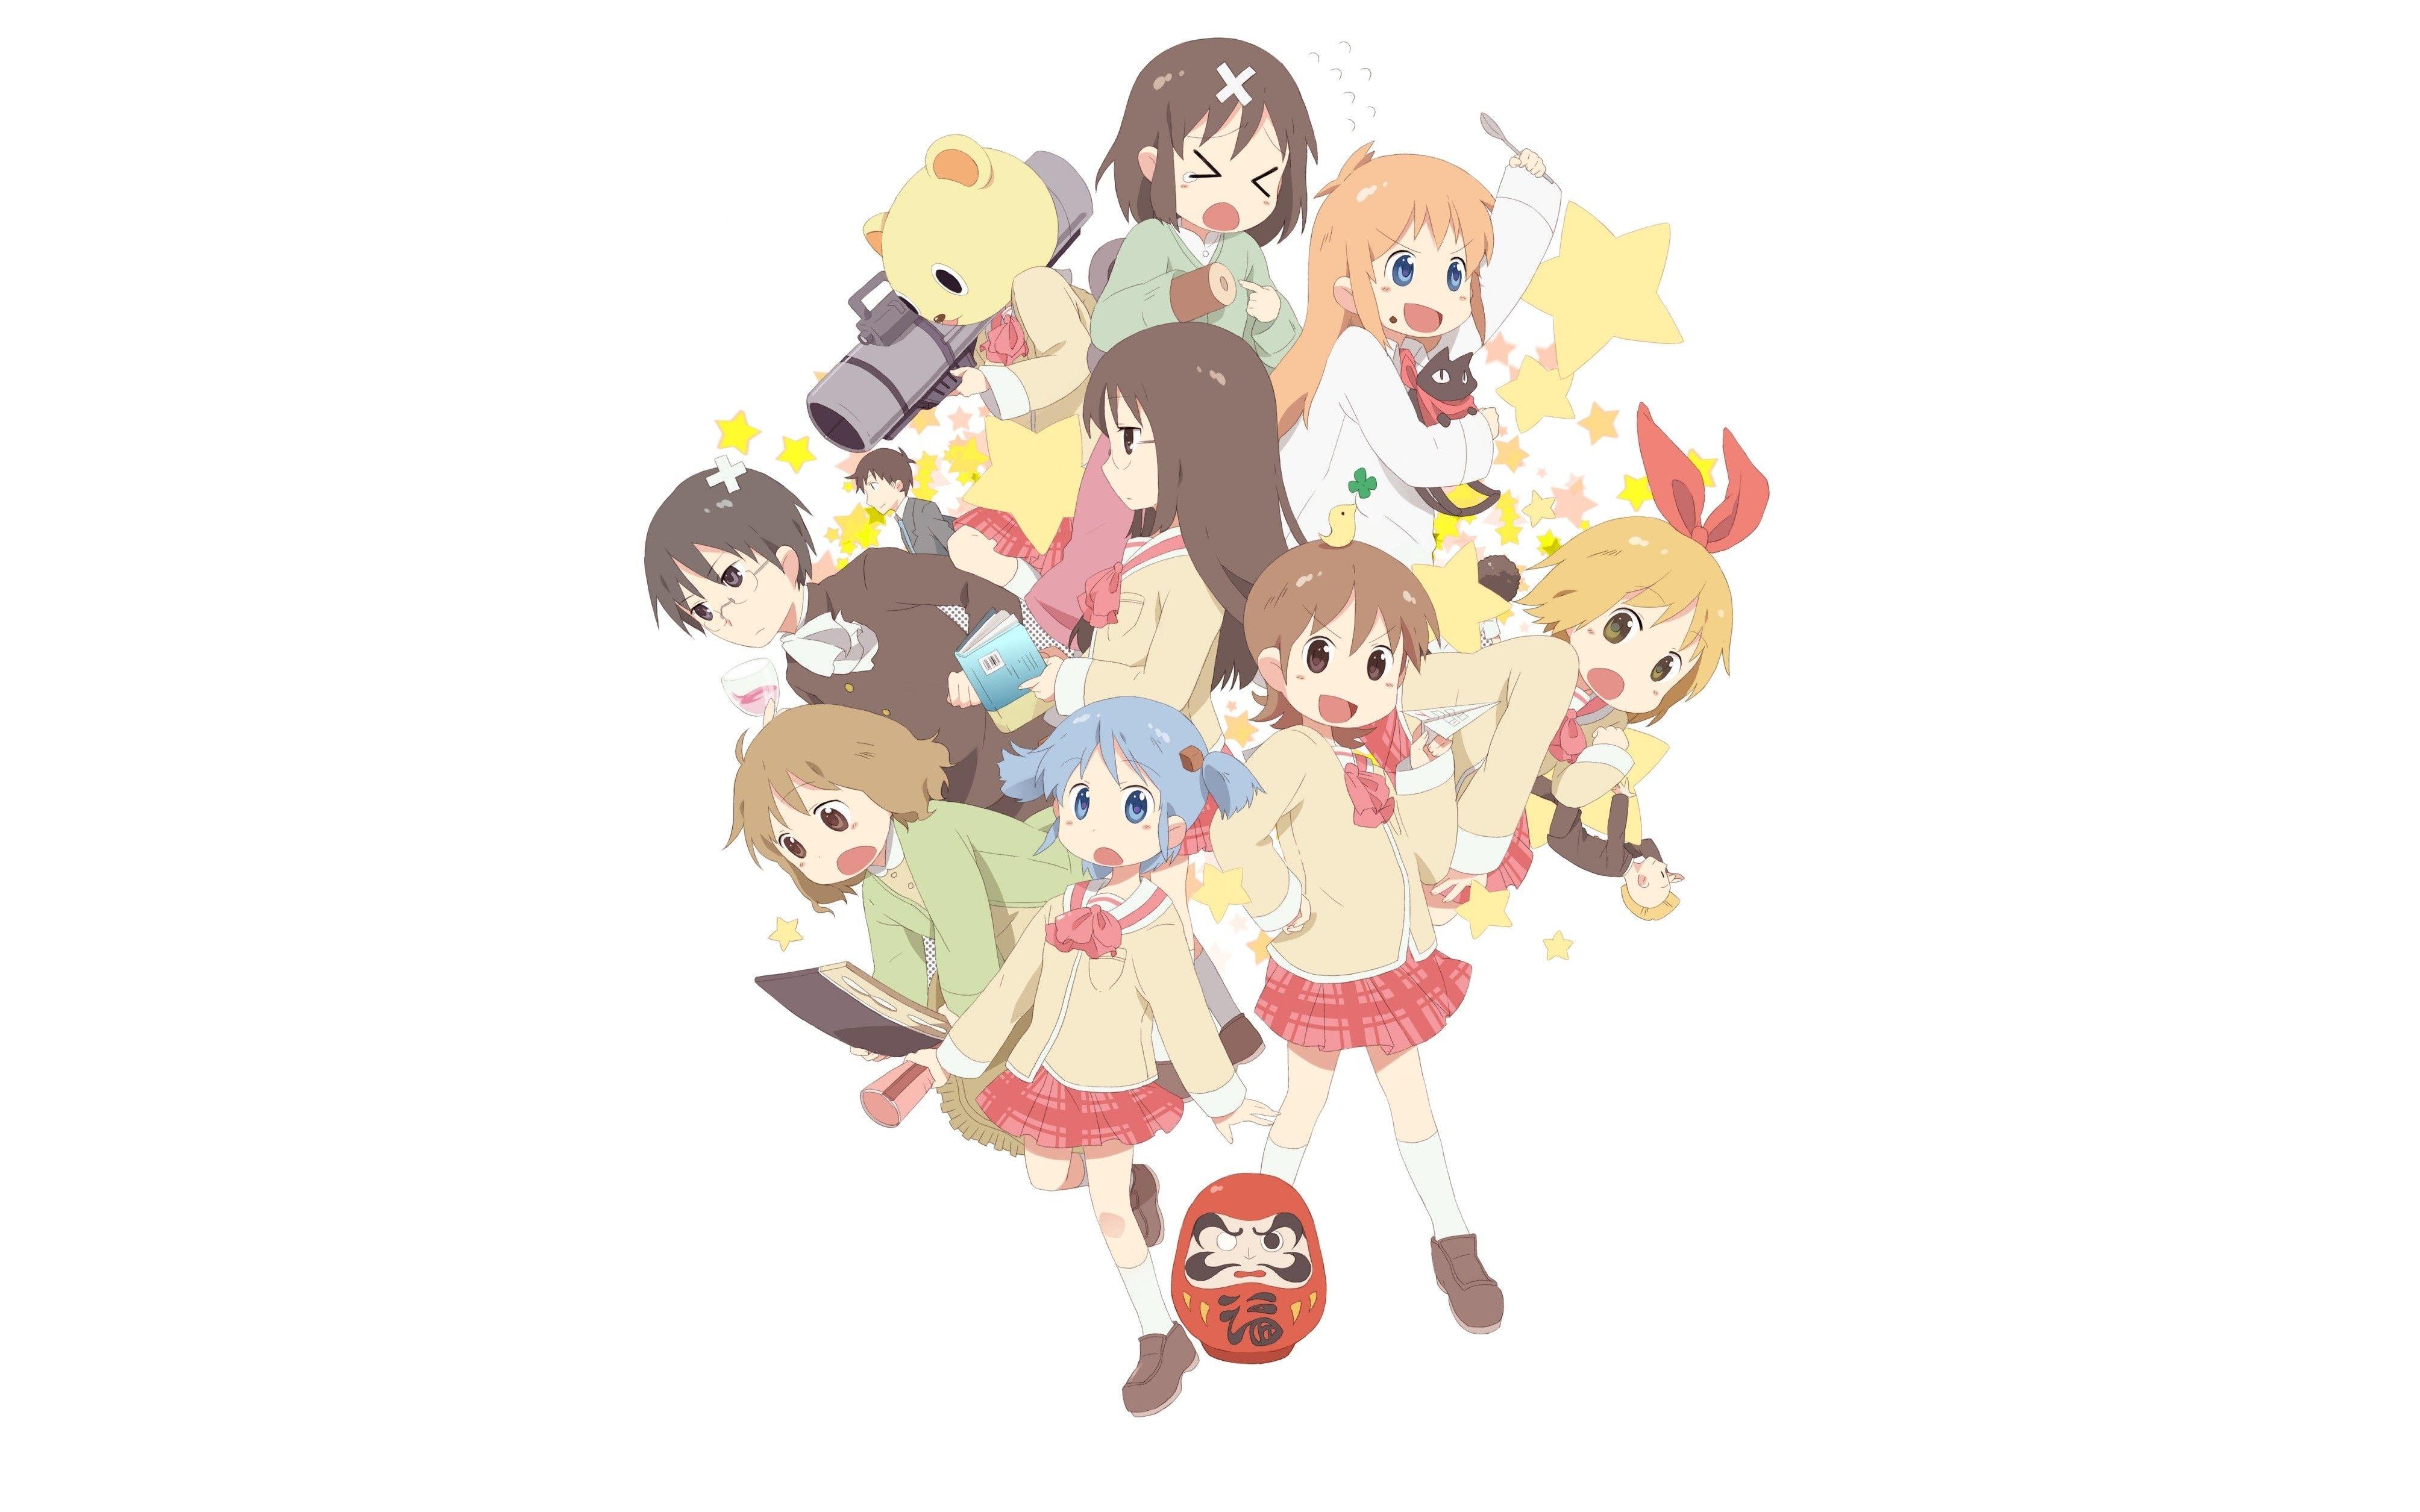 Anime 4016x2510 nichijou naganohara mio aioi yuuko mai